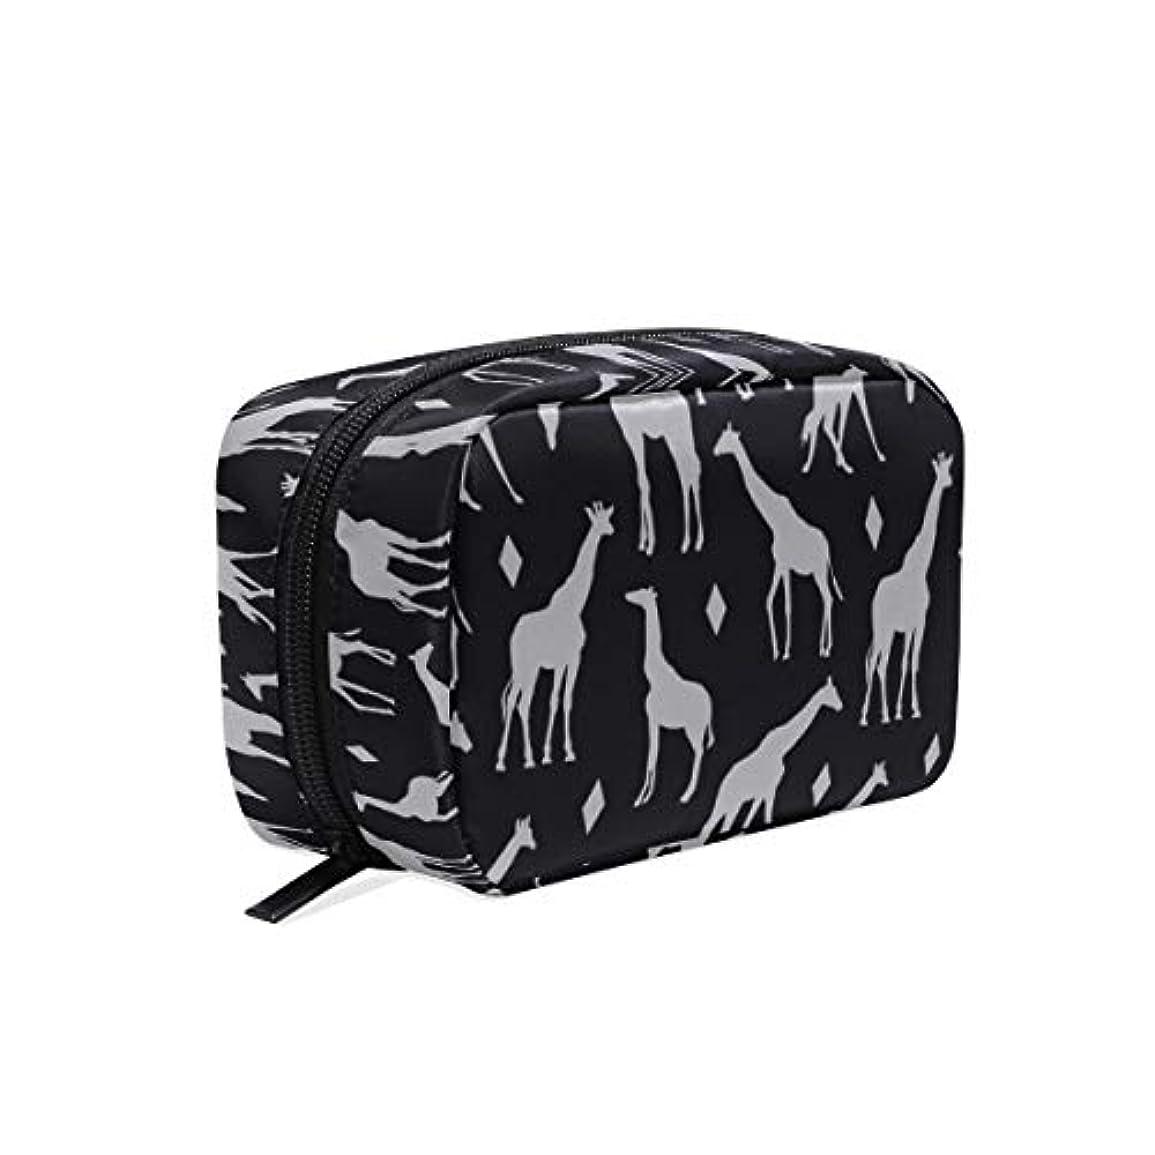 チャペル聖歌海峡ひもキリン柄 グレイ 化粧ポーチ メイクポーチ 機能的 大容量 化粧品収納 小物入れ 普段使い 出張 旅行 メイク ブラシ バッグ 化粧バッグ